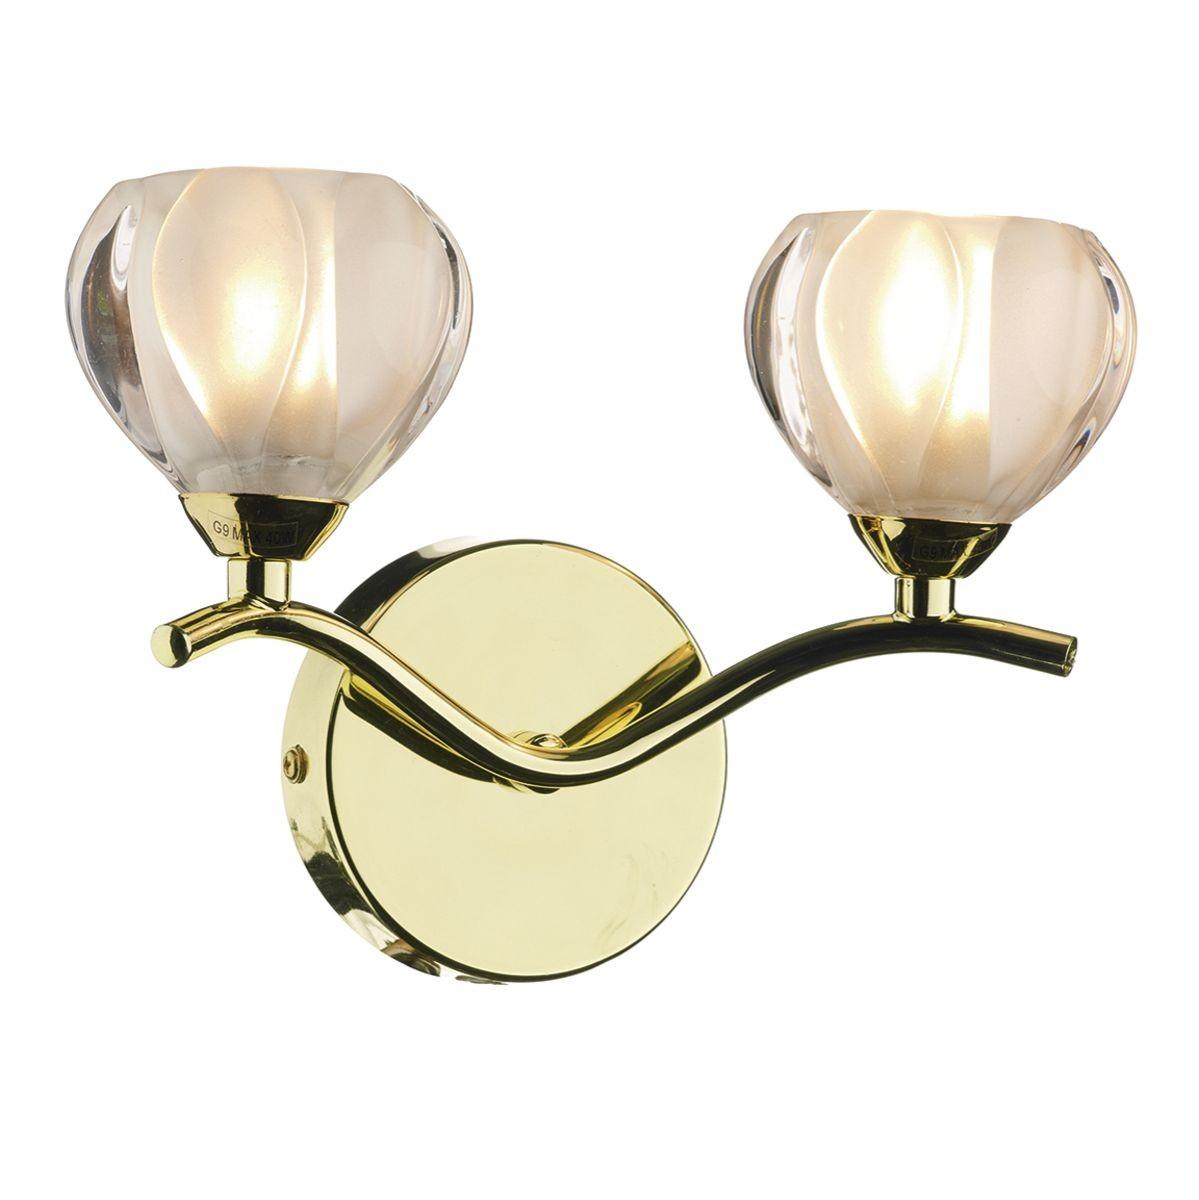 Cynthia Wall Light - Polished Brass